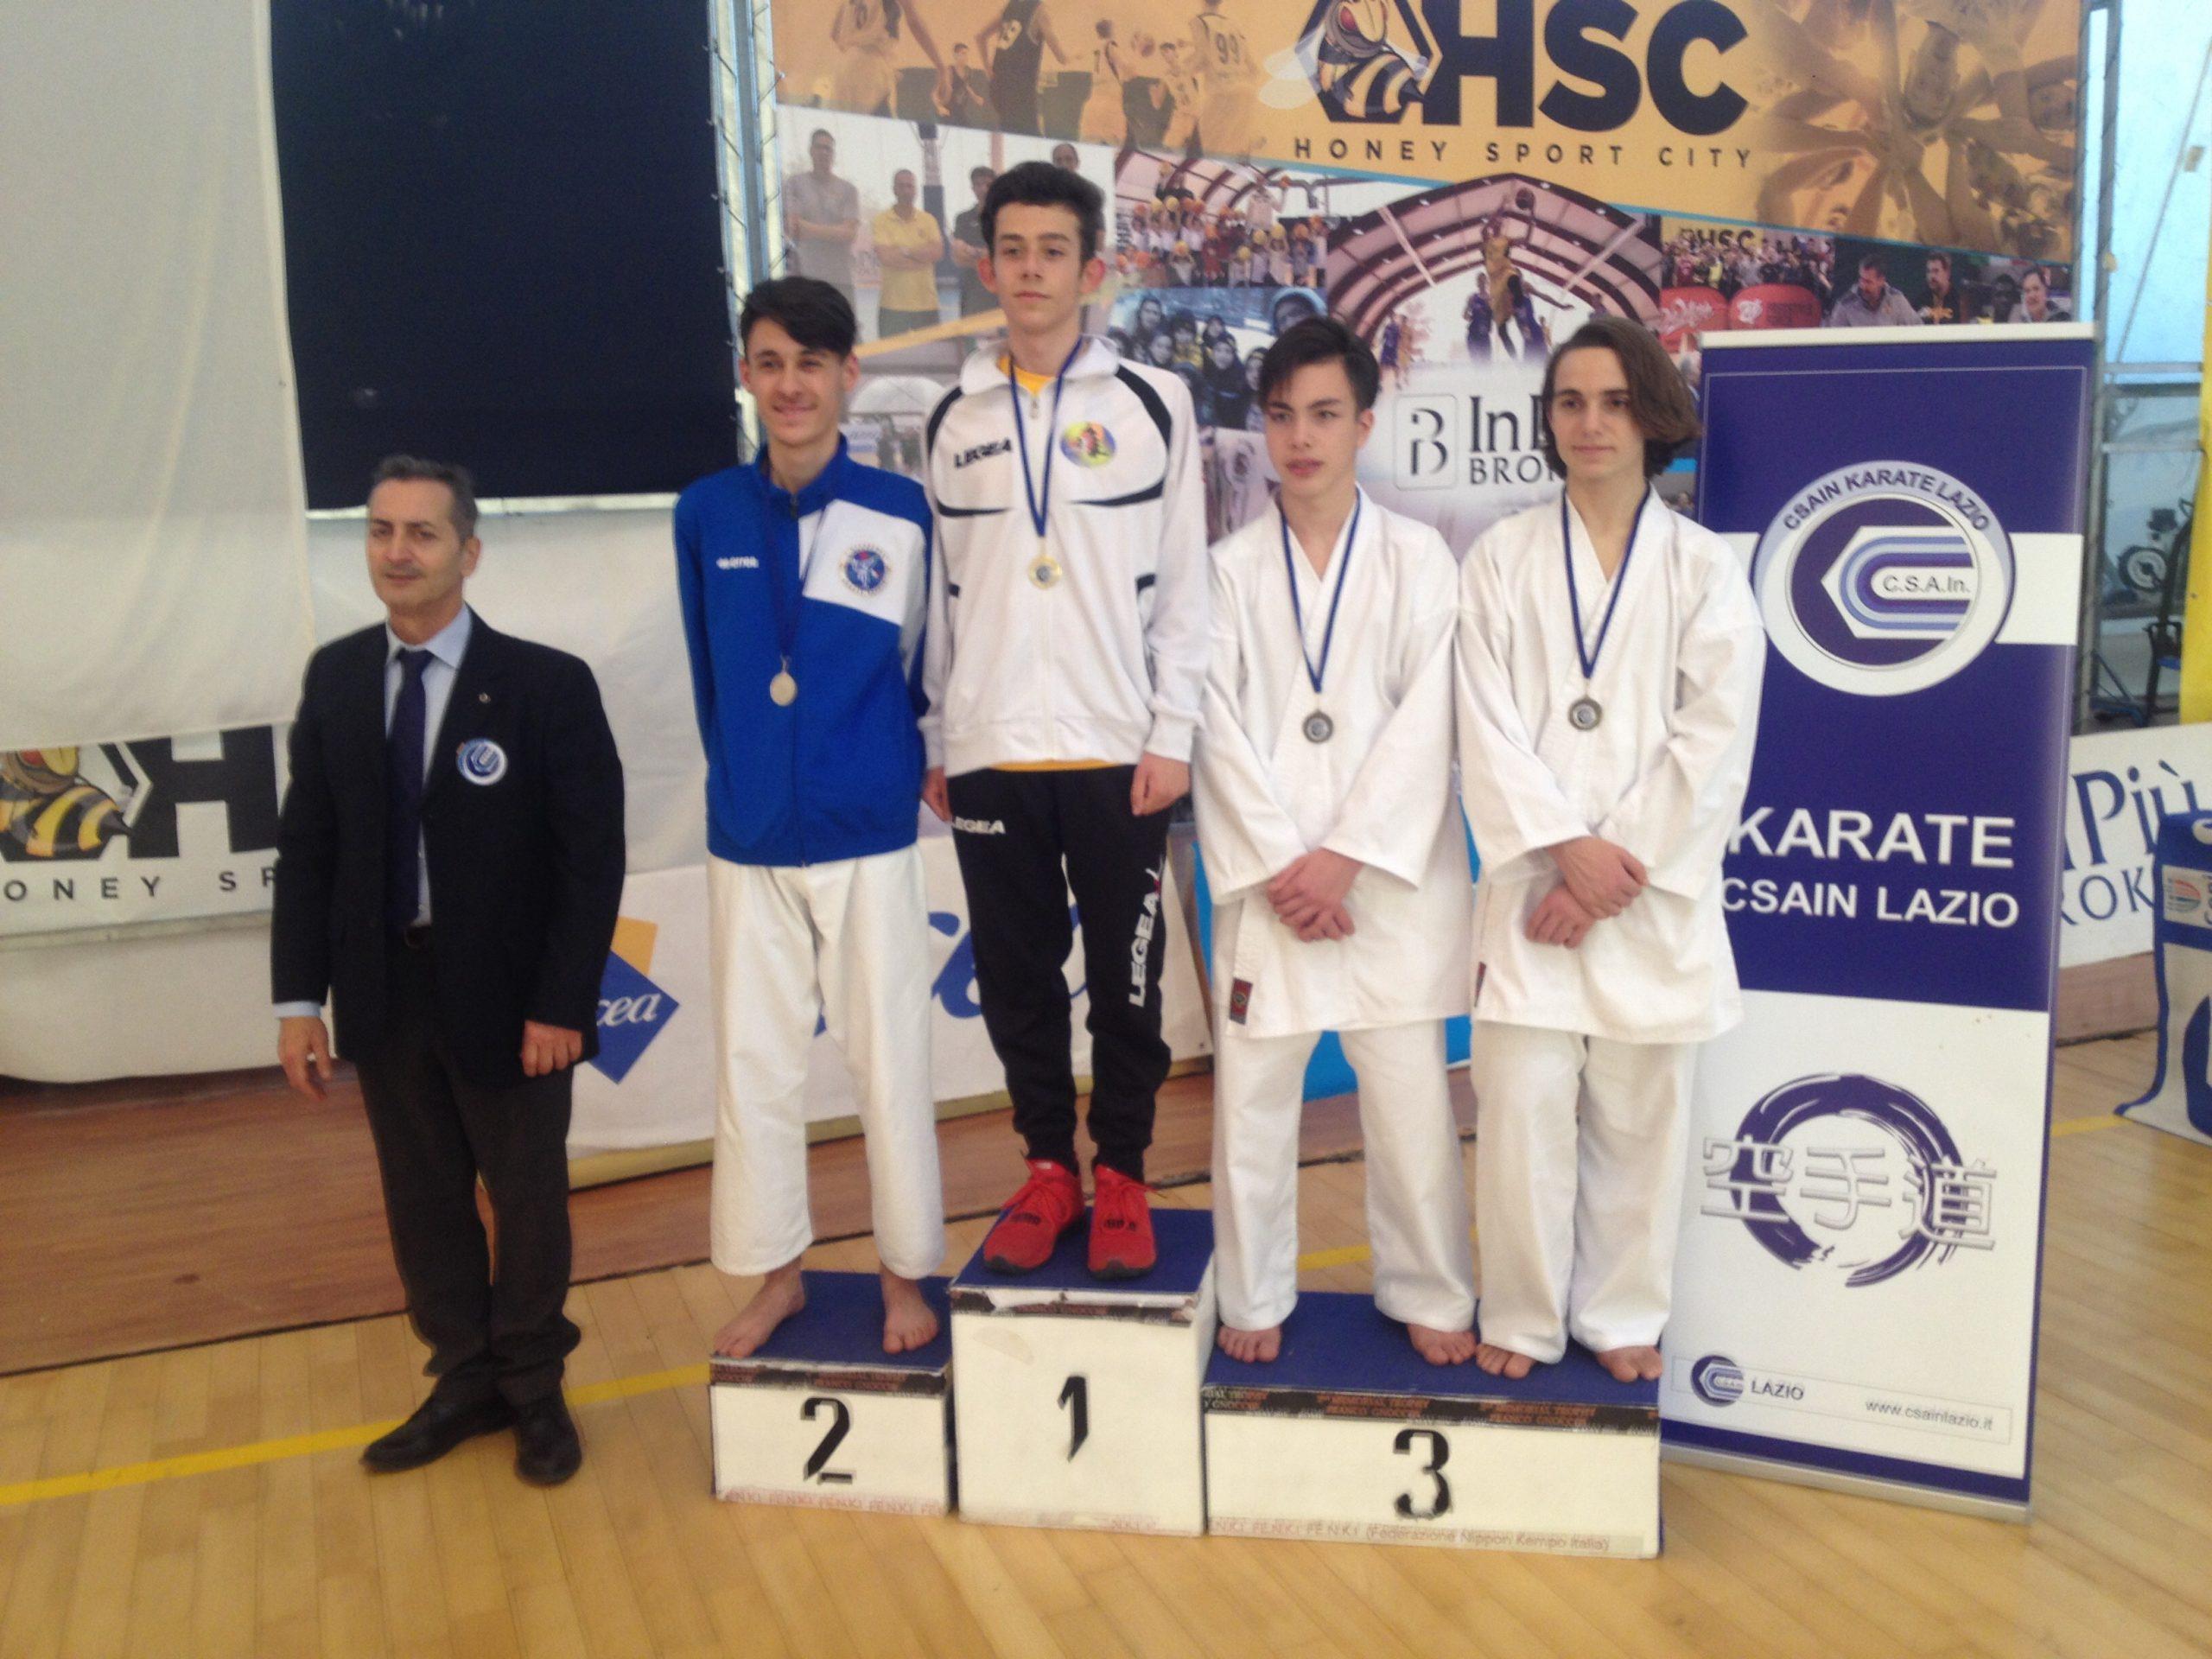 Grande affermazione per il Lion Avezzano nello Spring Competiction di Karate